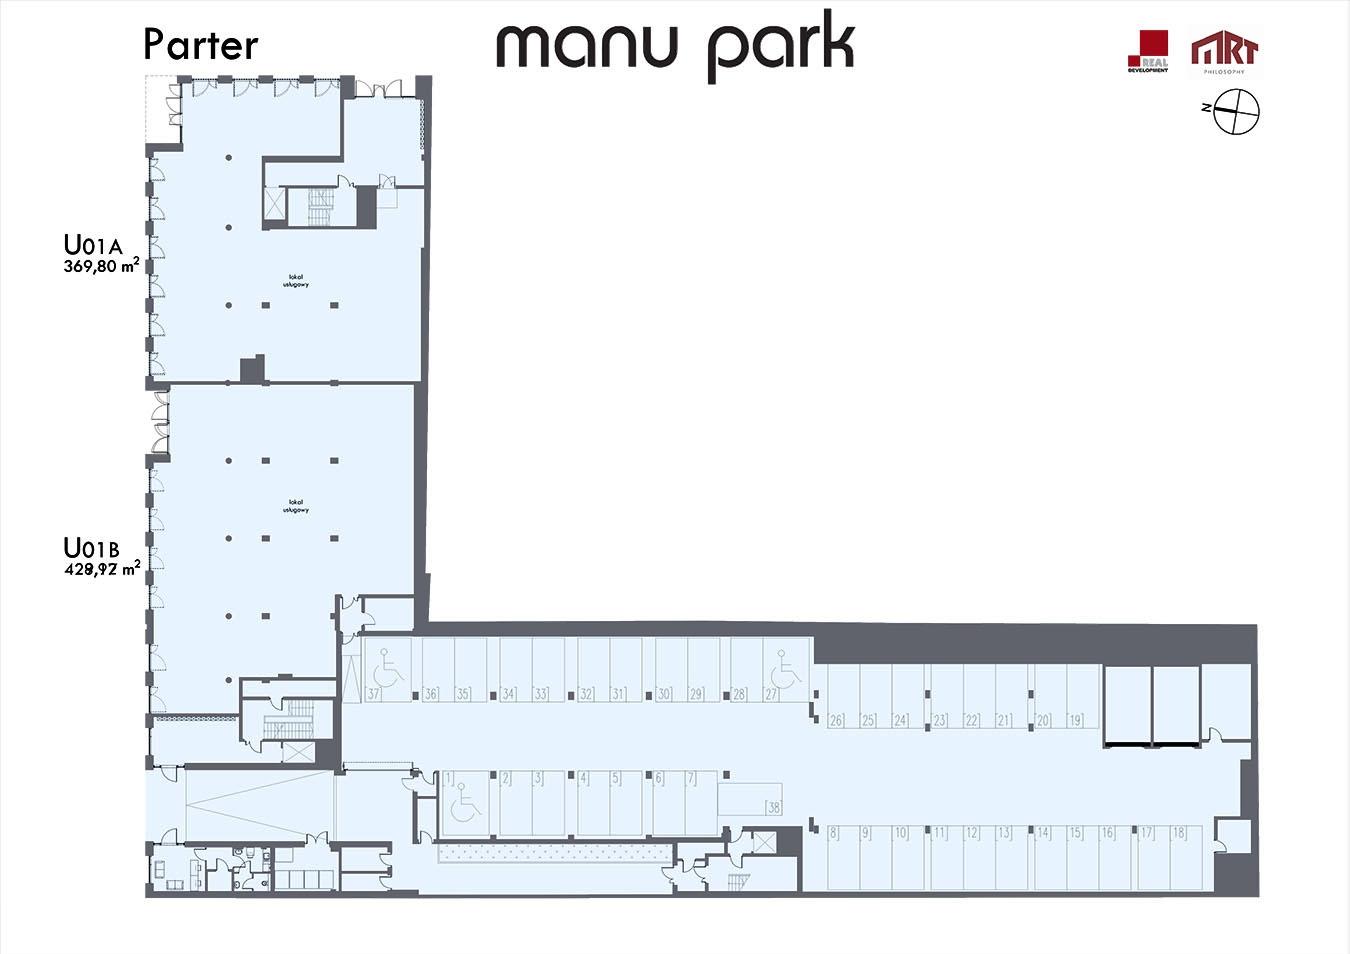 MANU PARK - Parter